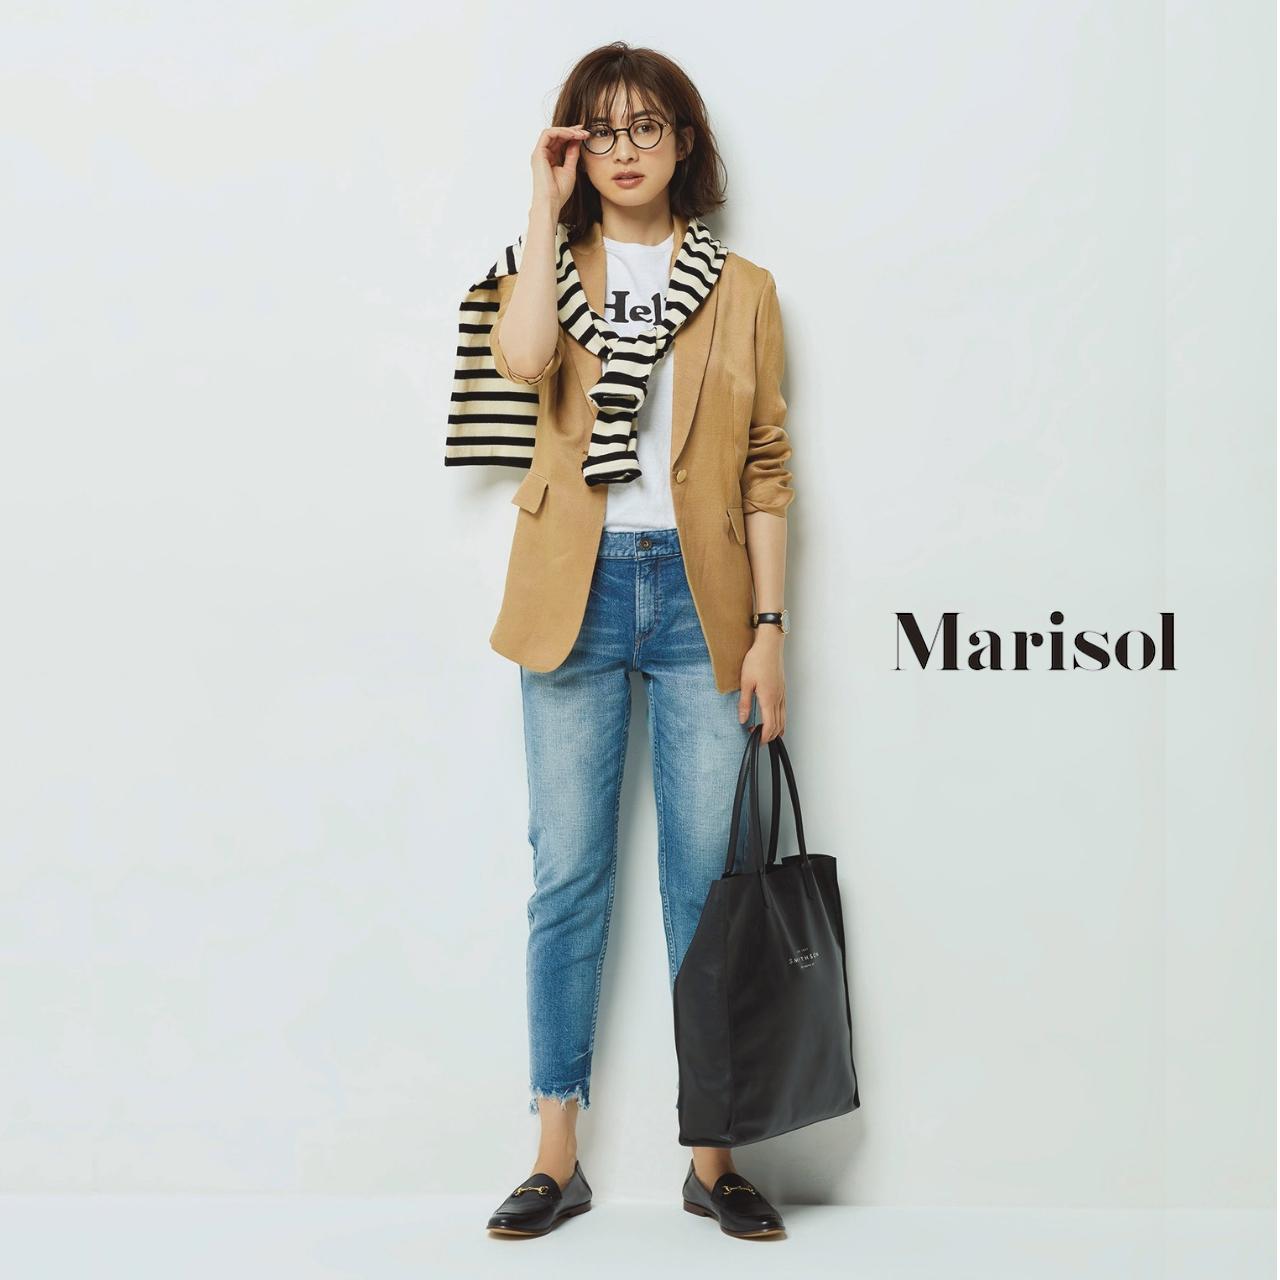 40代ファッション ベージュジャケット×Tシャツ×デニムパンツコーデ